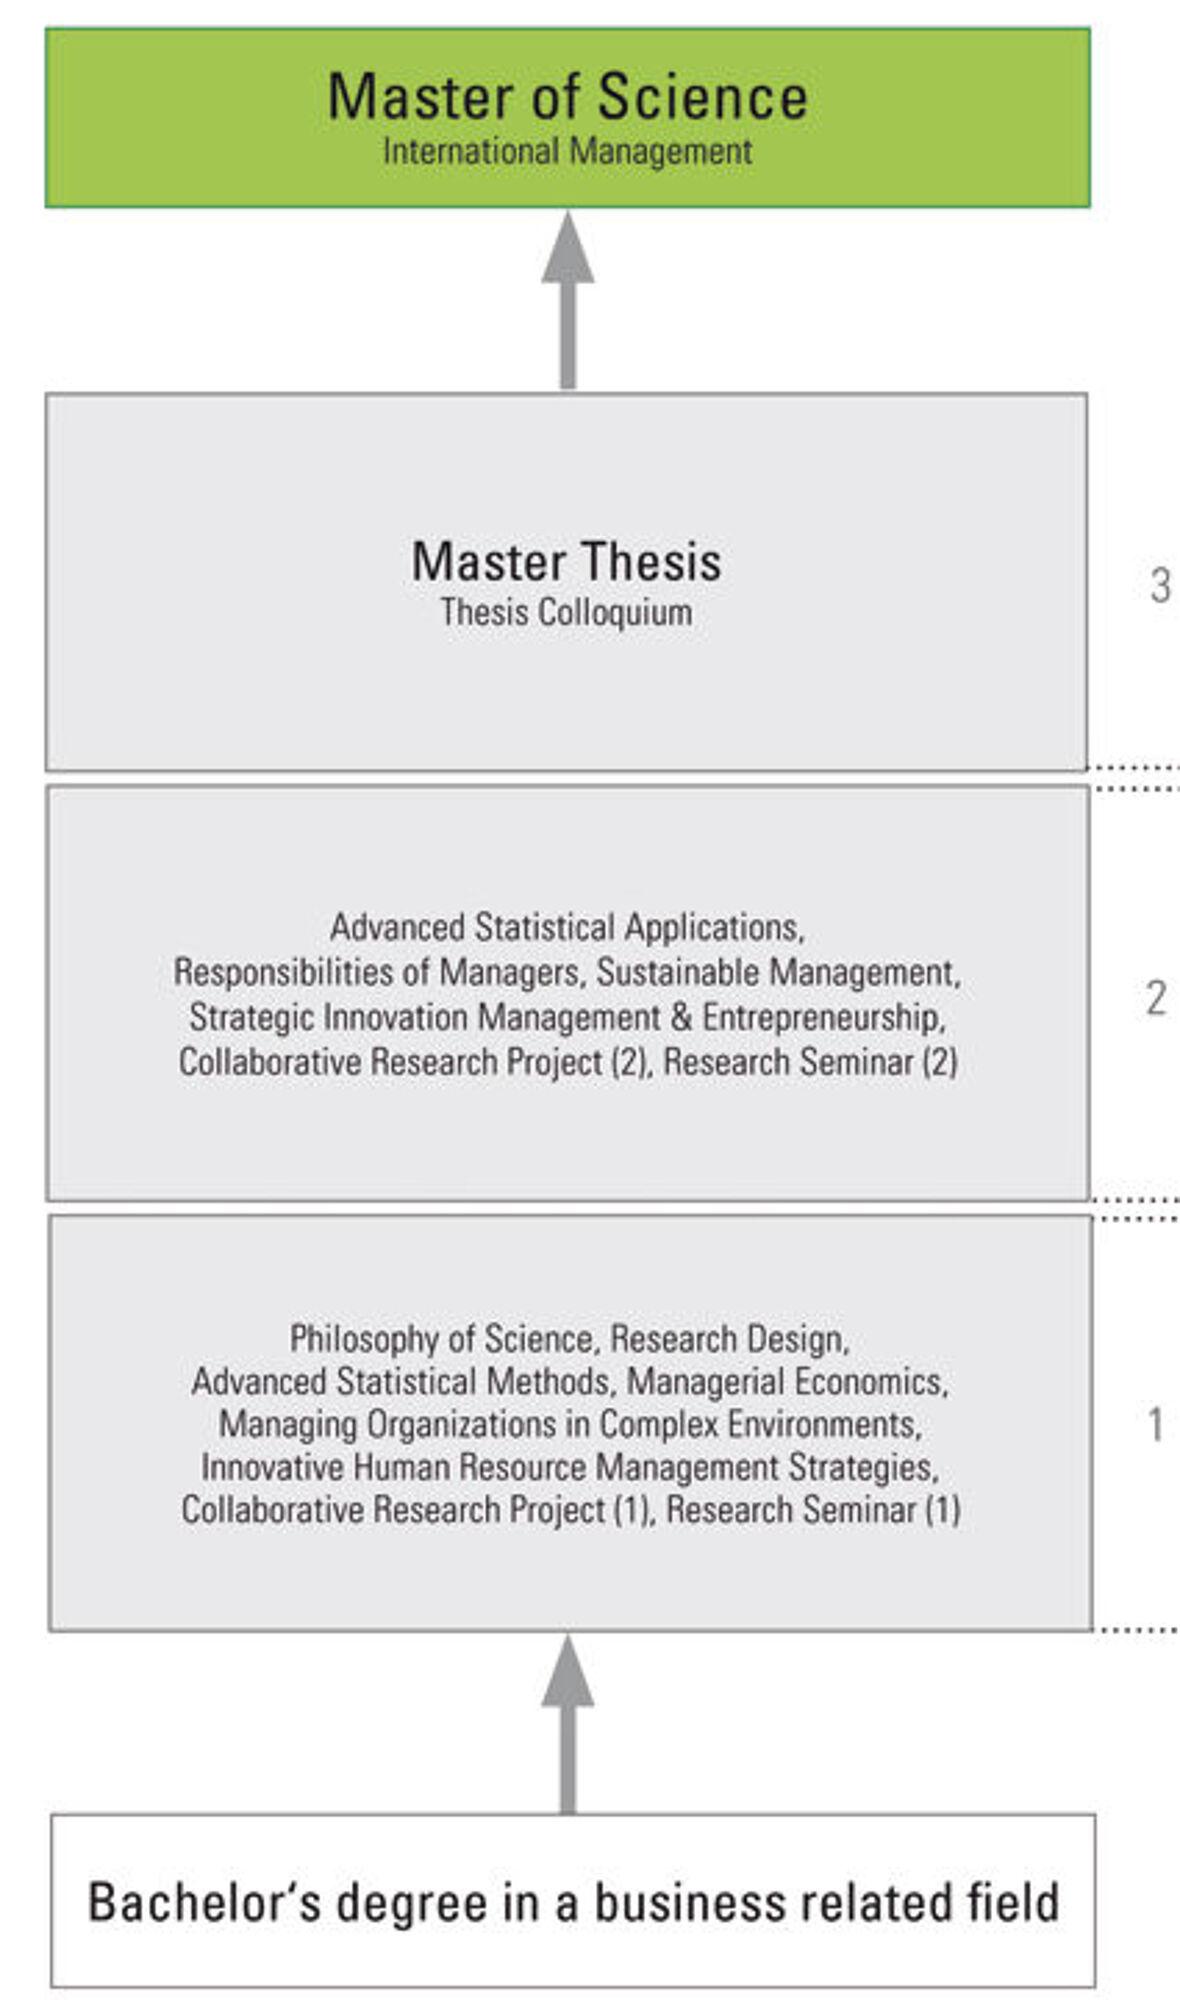 ca2969ef5982da Details of programme | International Management Master